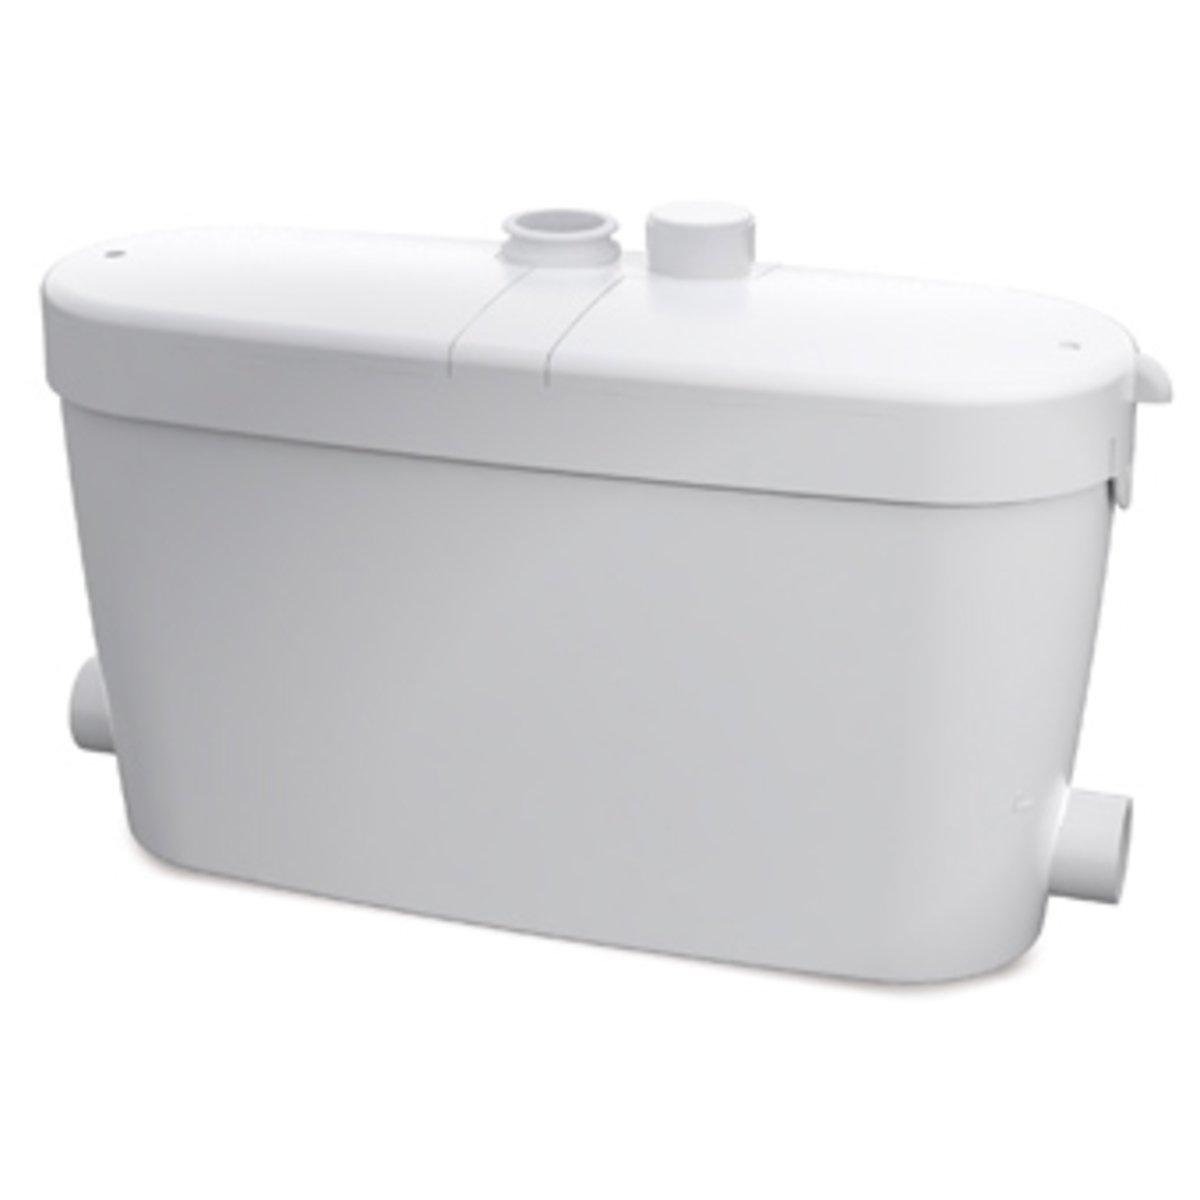 Sanibroyeur Saniaccess Pump Vuilwaterpomp V Wastafel à Toilette Sanibroyeur